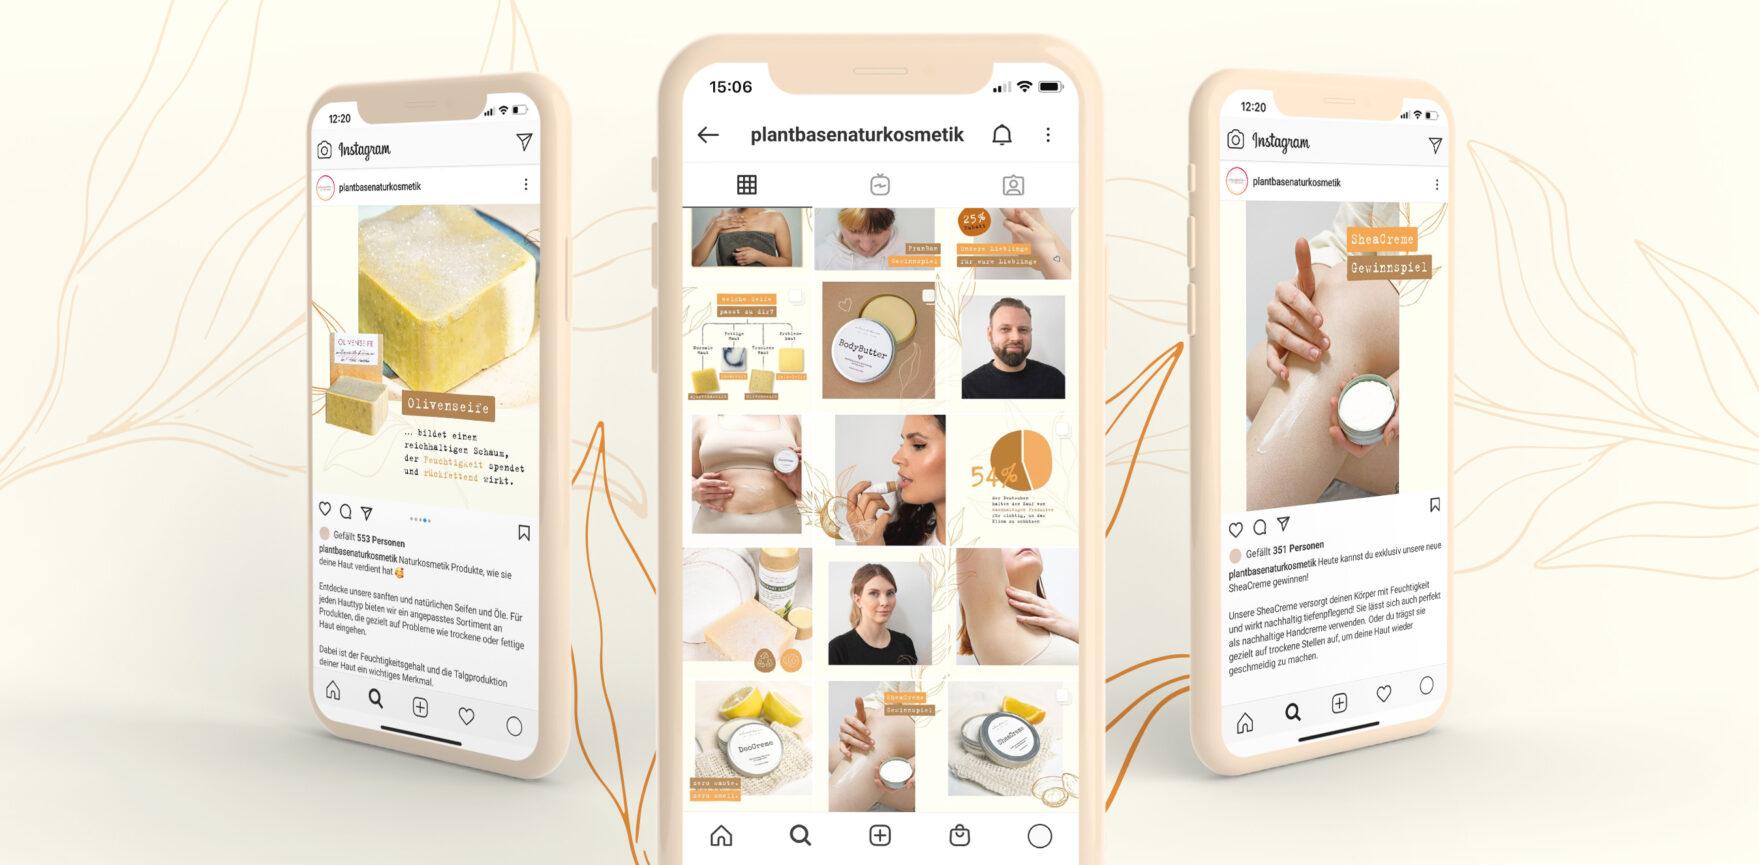 Phones with Instagram Posts